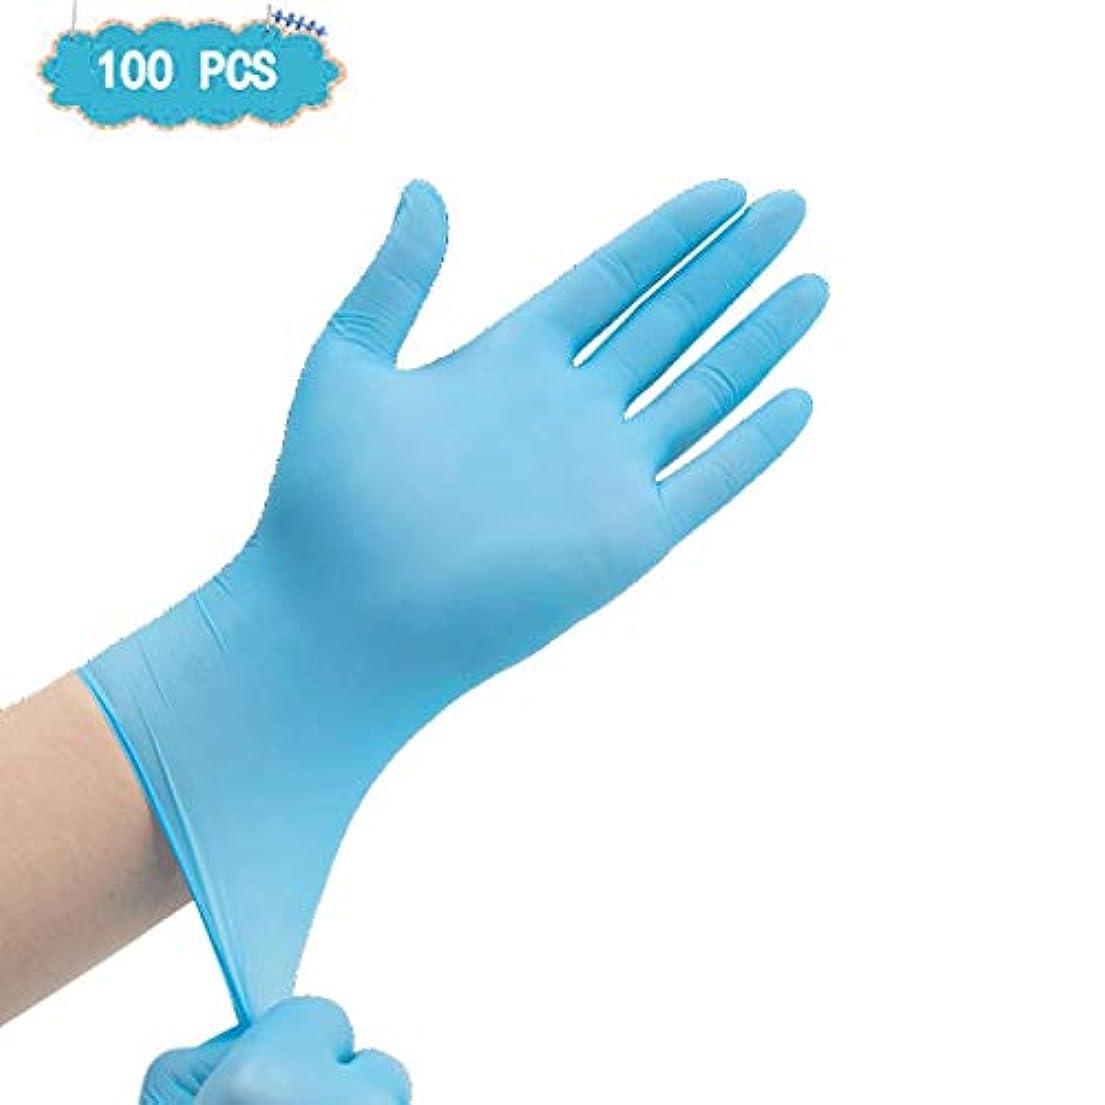 注入する会計士パケットニトリル手袋、青酸およびアルカリ家庭用加工食品使い捨て手袋ペットケアネイルアート検査保護実験、ビューティーサロンラテックスフリー、、 100個 (Size : L)